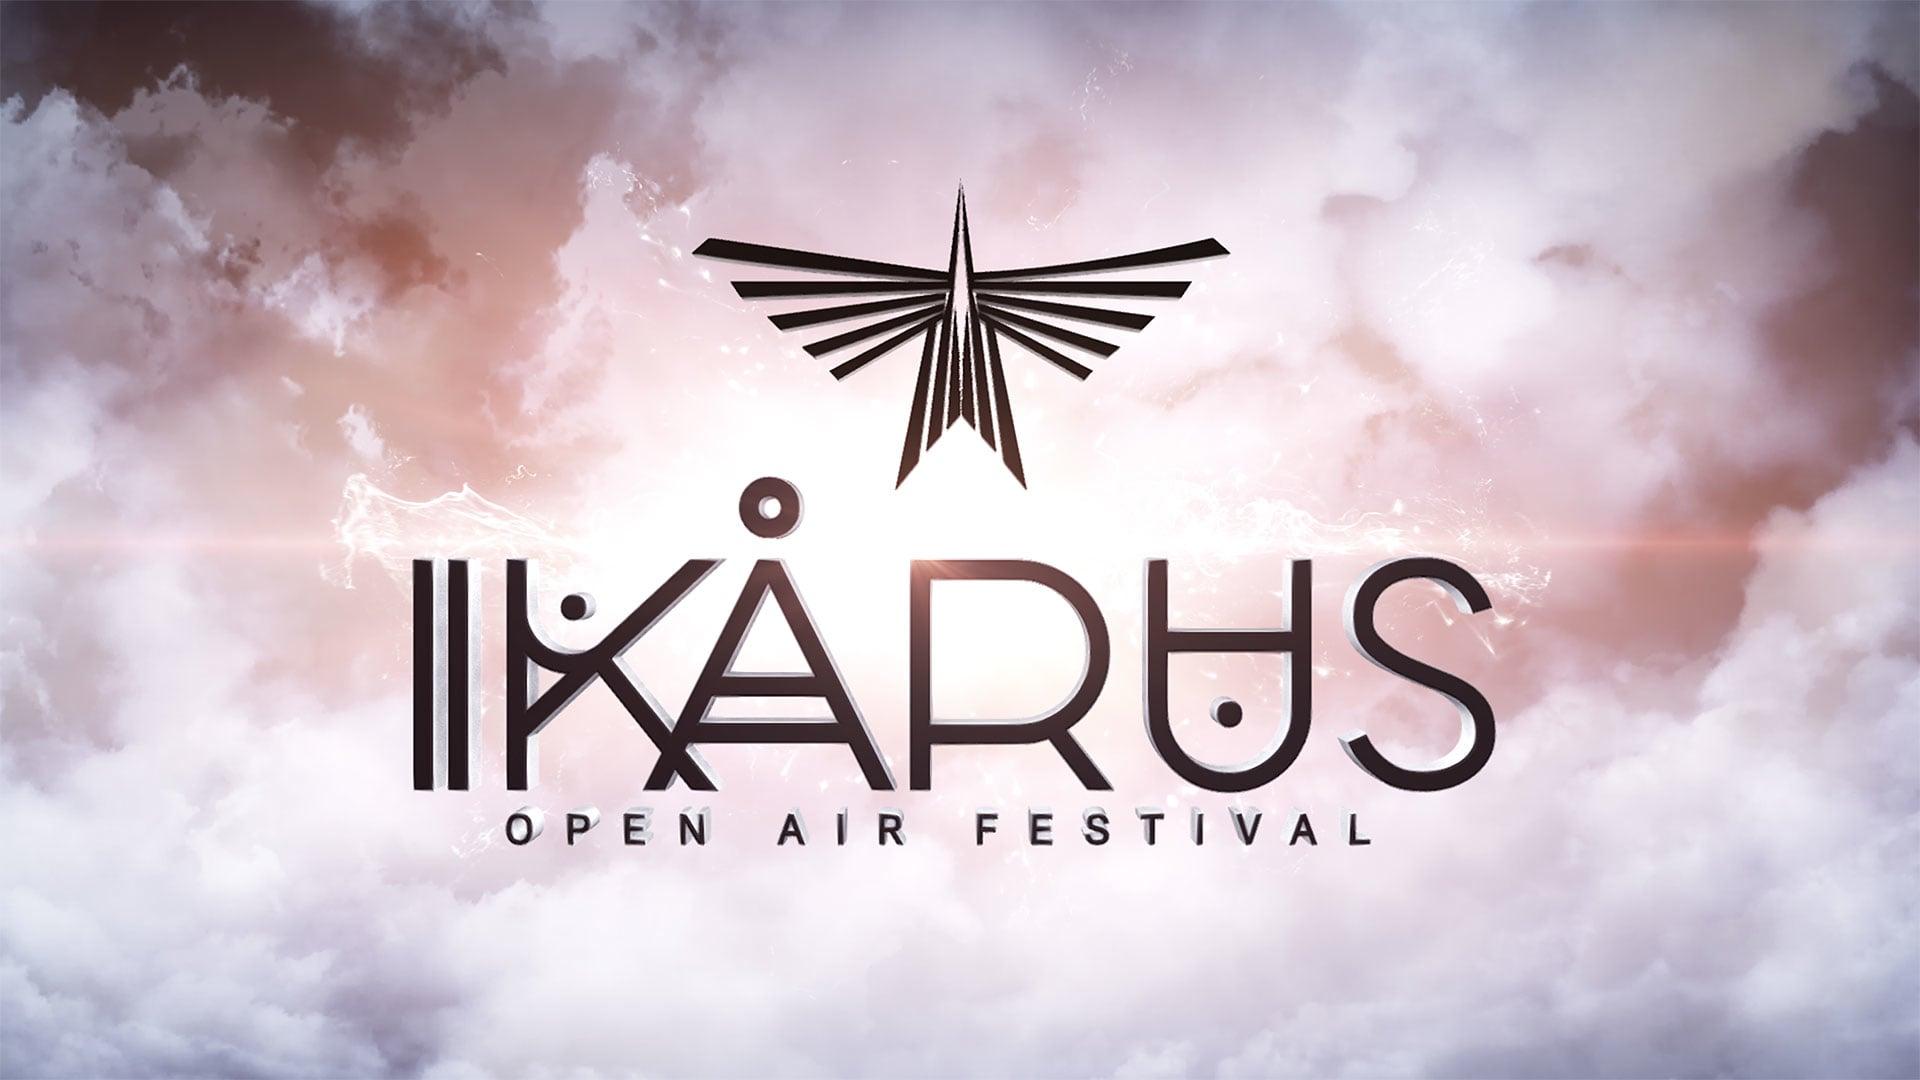 Ikarus Festival Trailer 2016